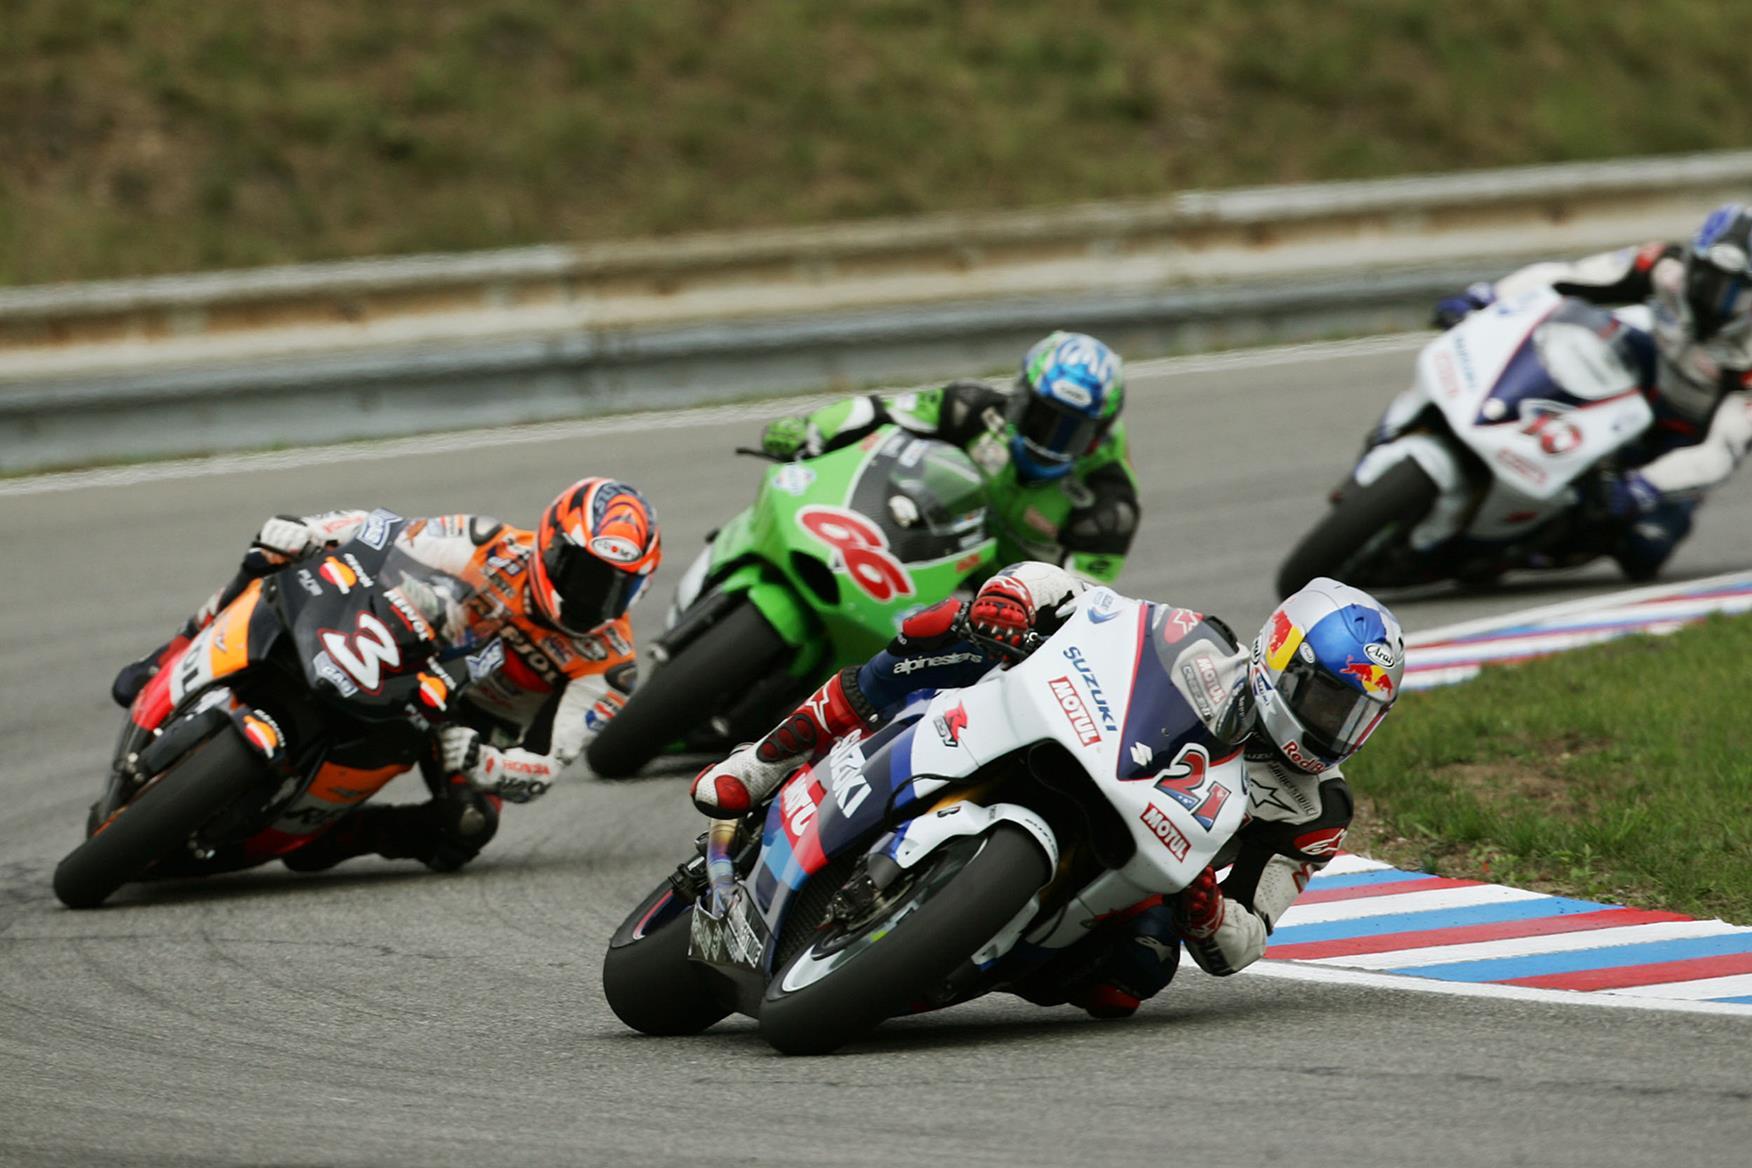 The 2005 Suzuki MotoGP bike